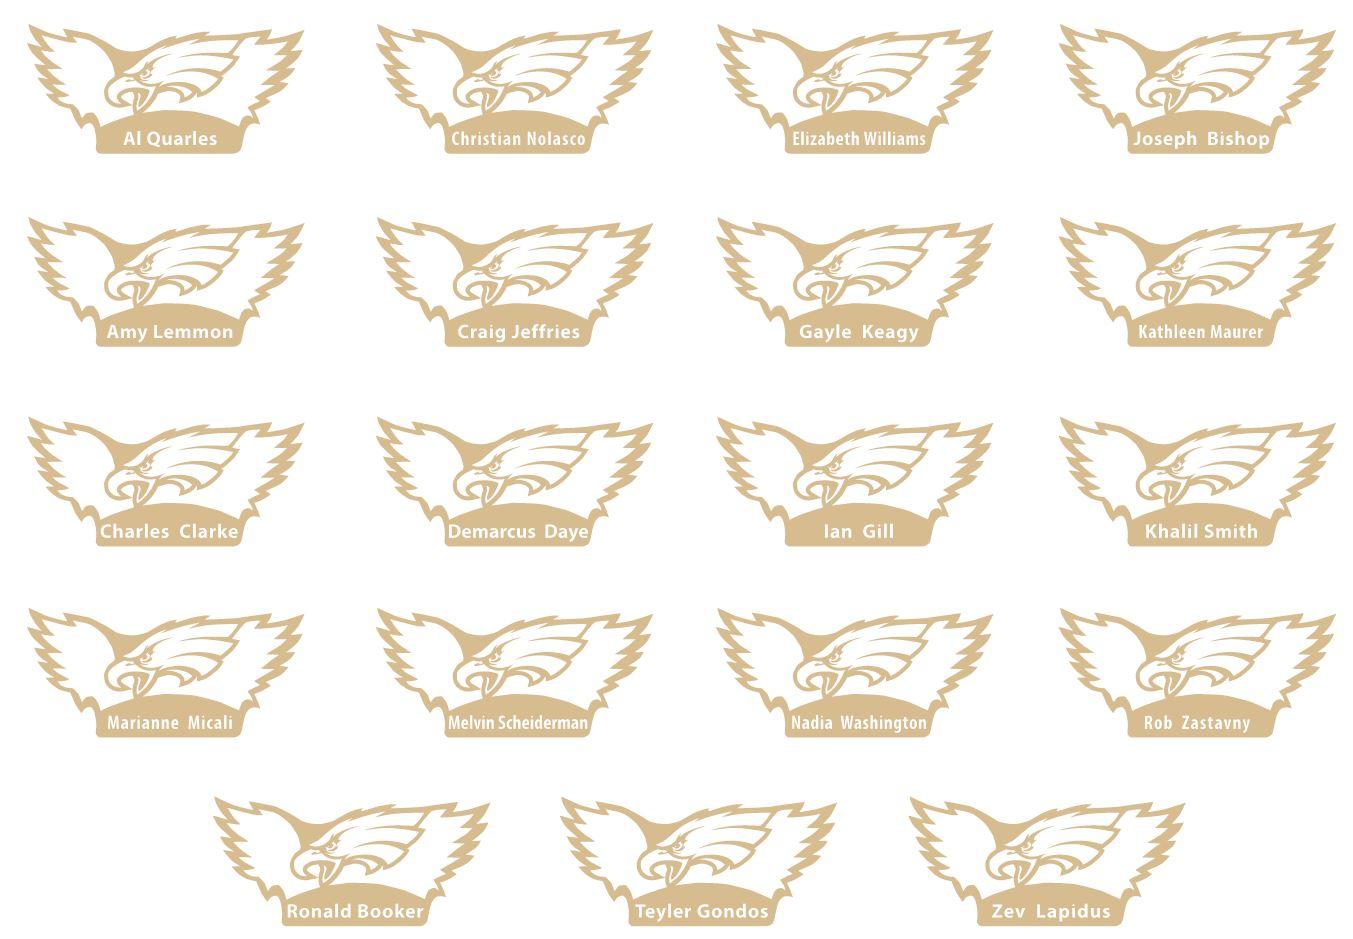 m1 - Philadelphia Eagles.JPG